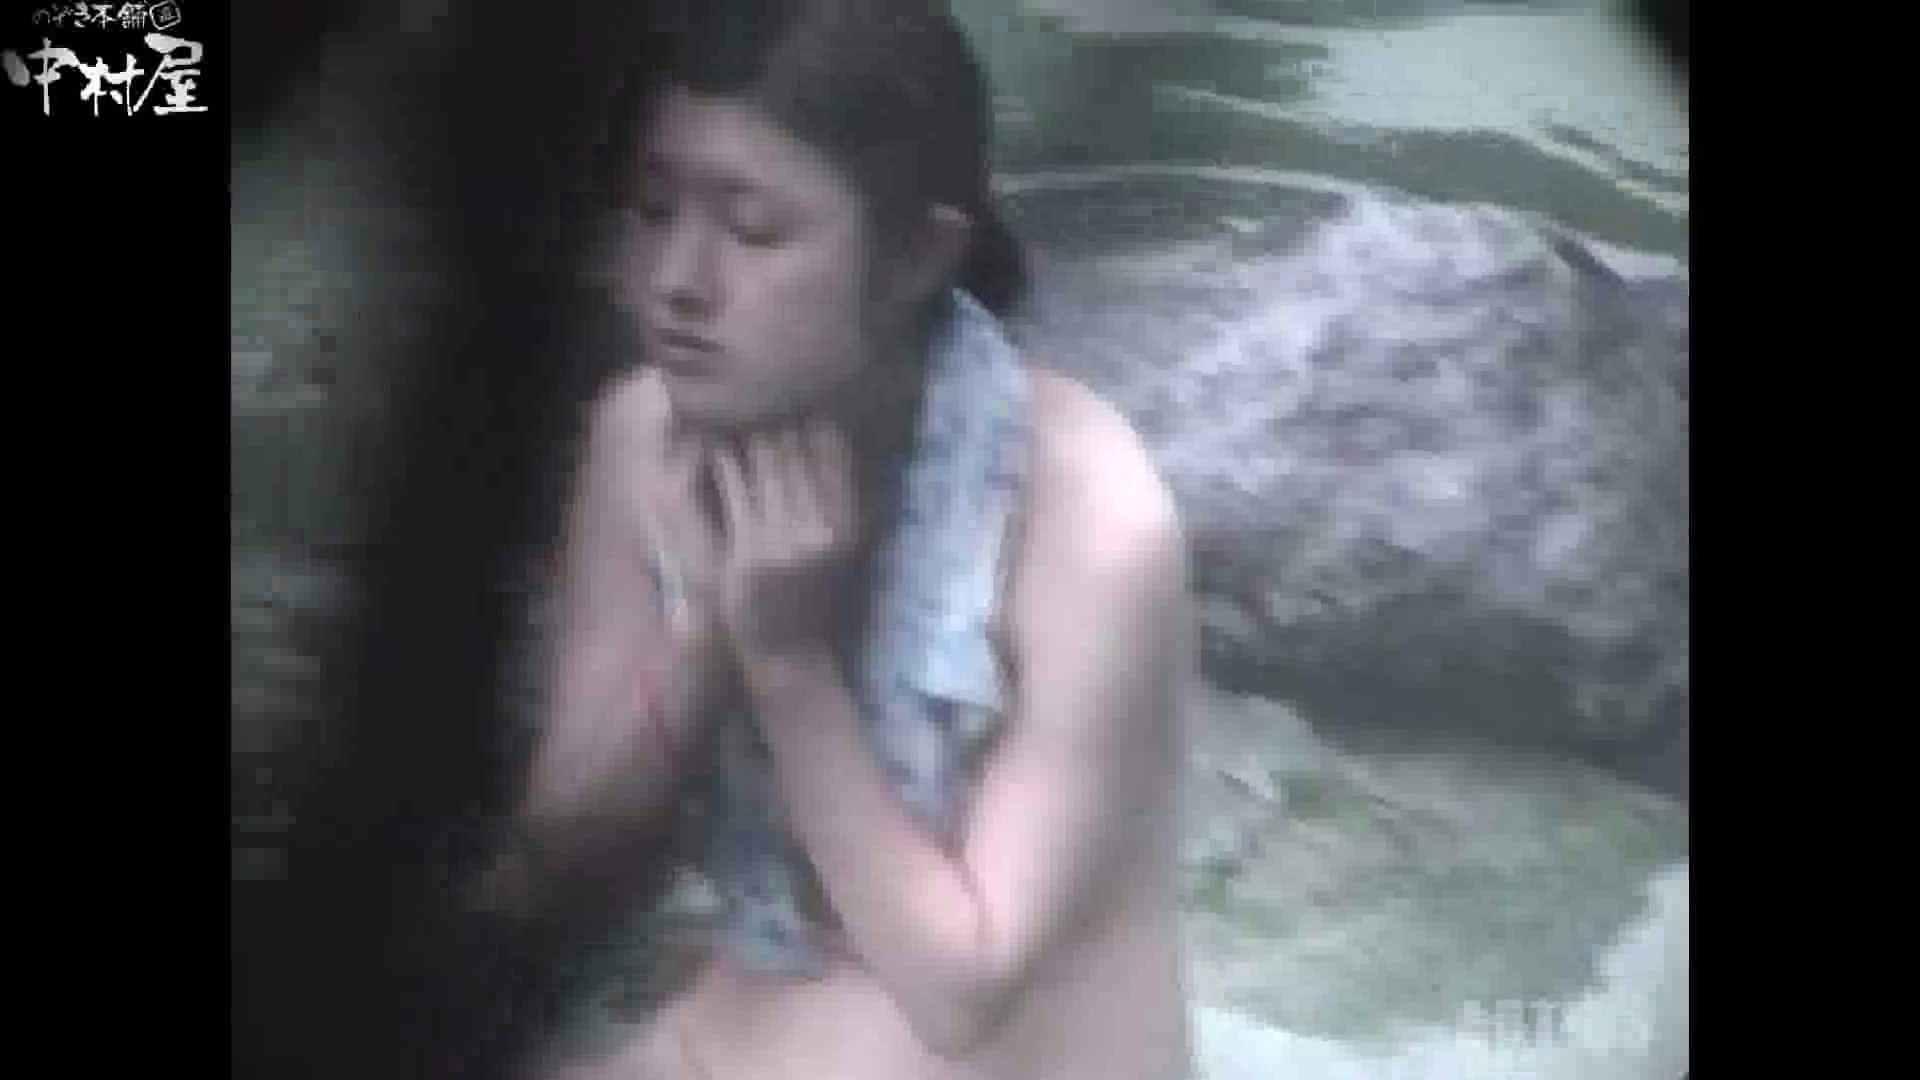 Aquaな露天風呂Vol.867潜入盗撮露天風呂参判湯 其の八 OLセックス  56画像 12